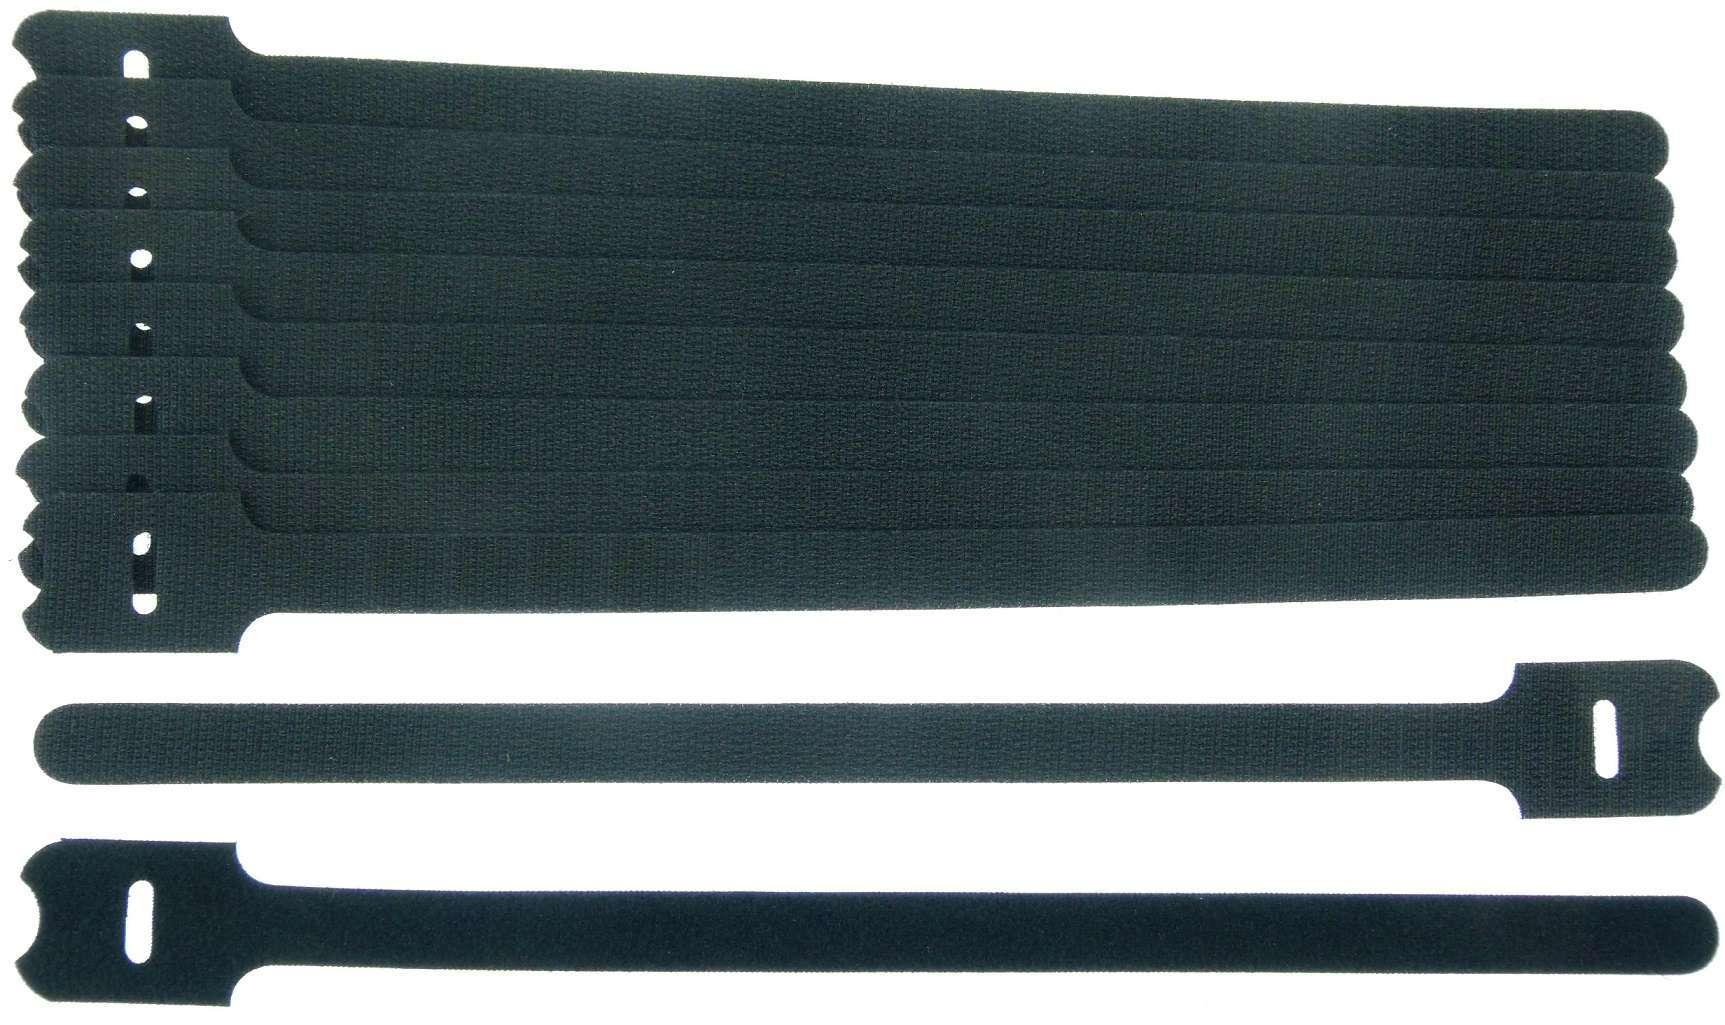 300 Klettkabelbinder ECO GEMISCHT Klettbänder Kabelklett Kabelbinder Klettband